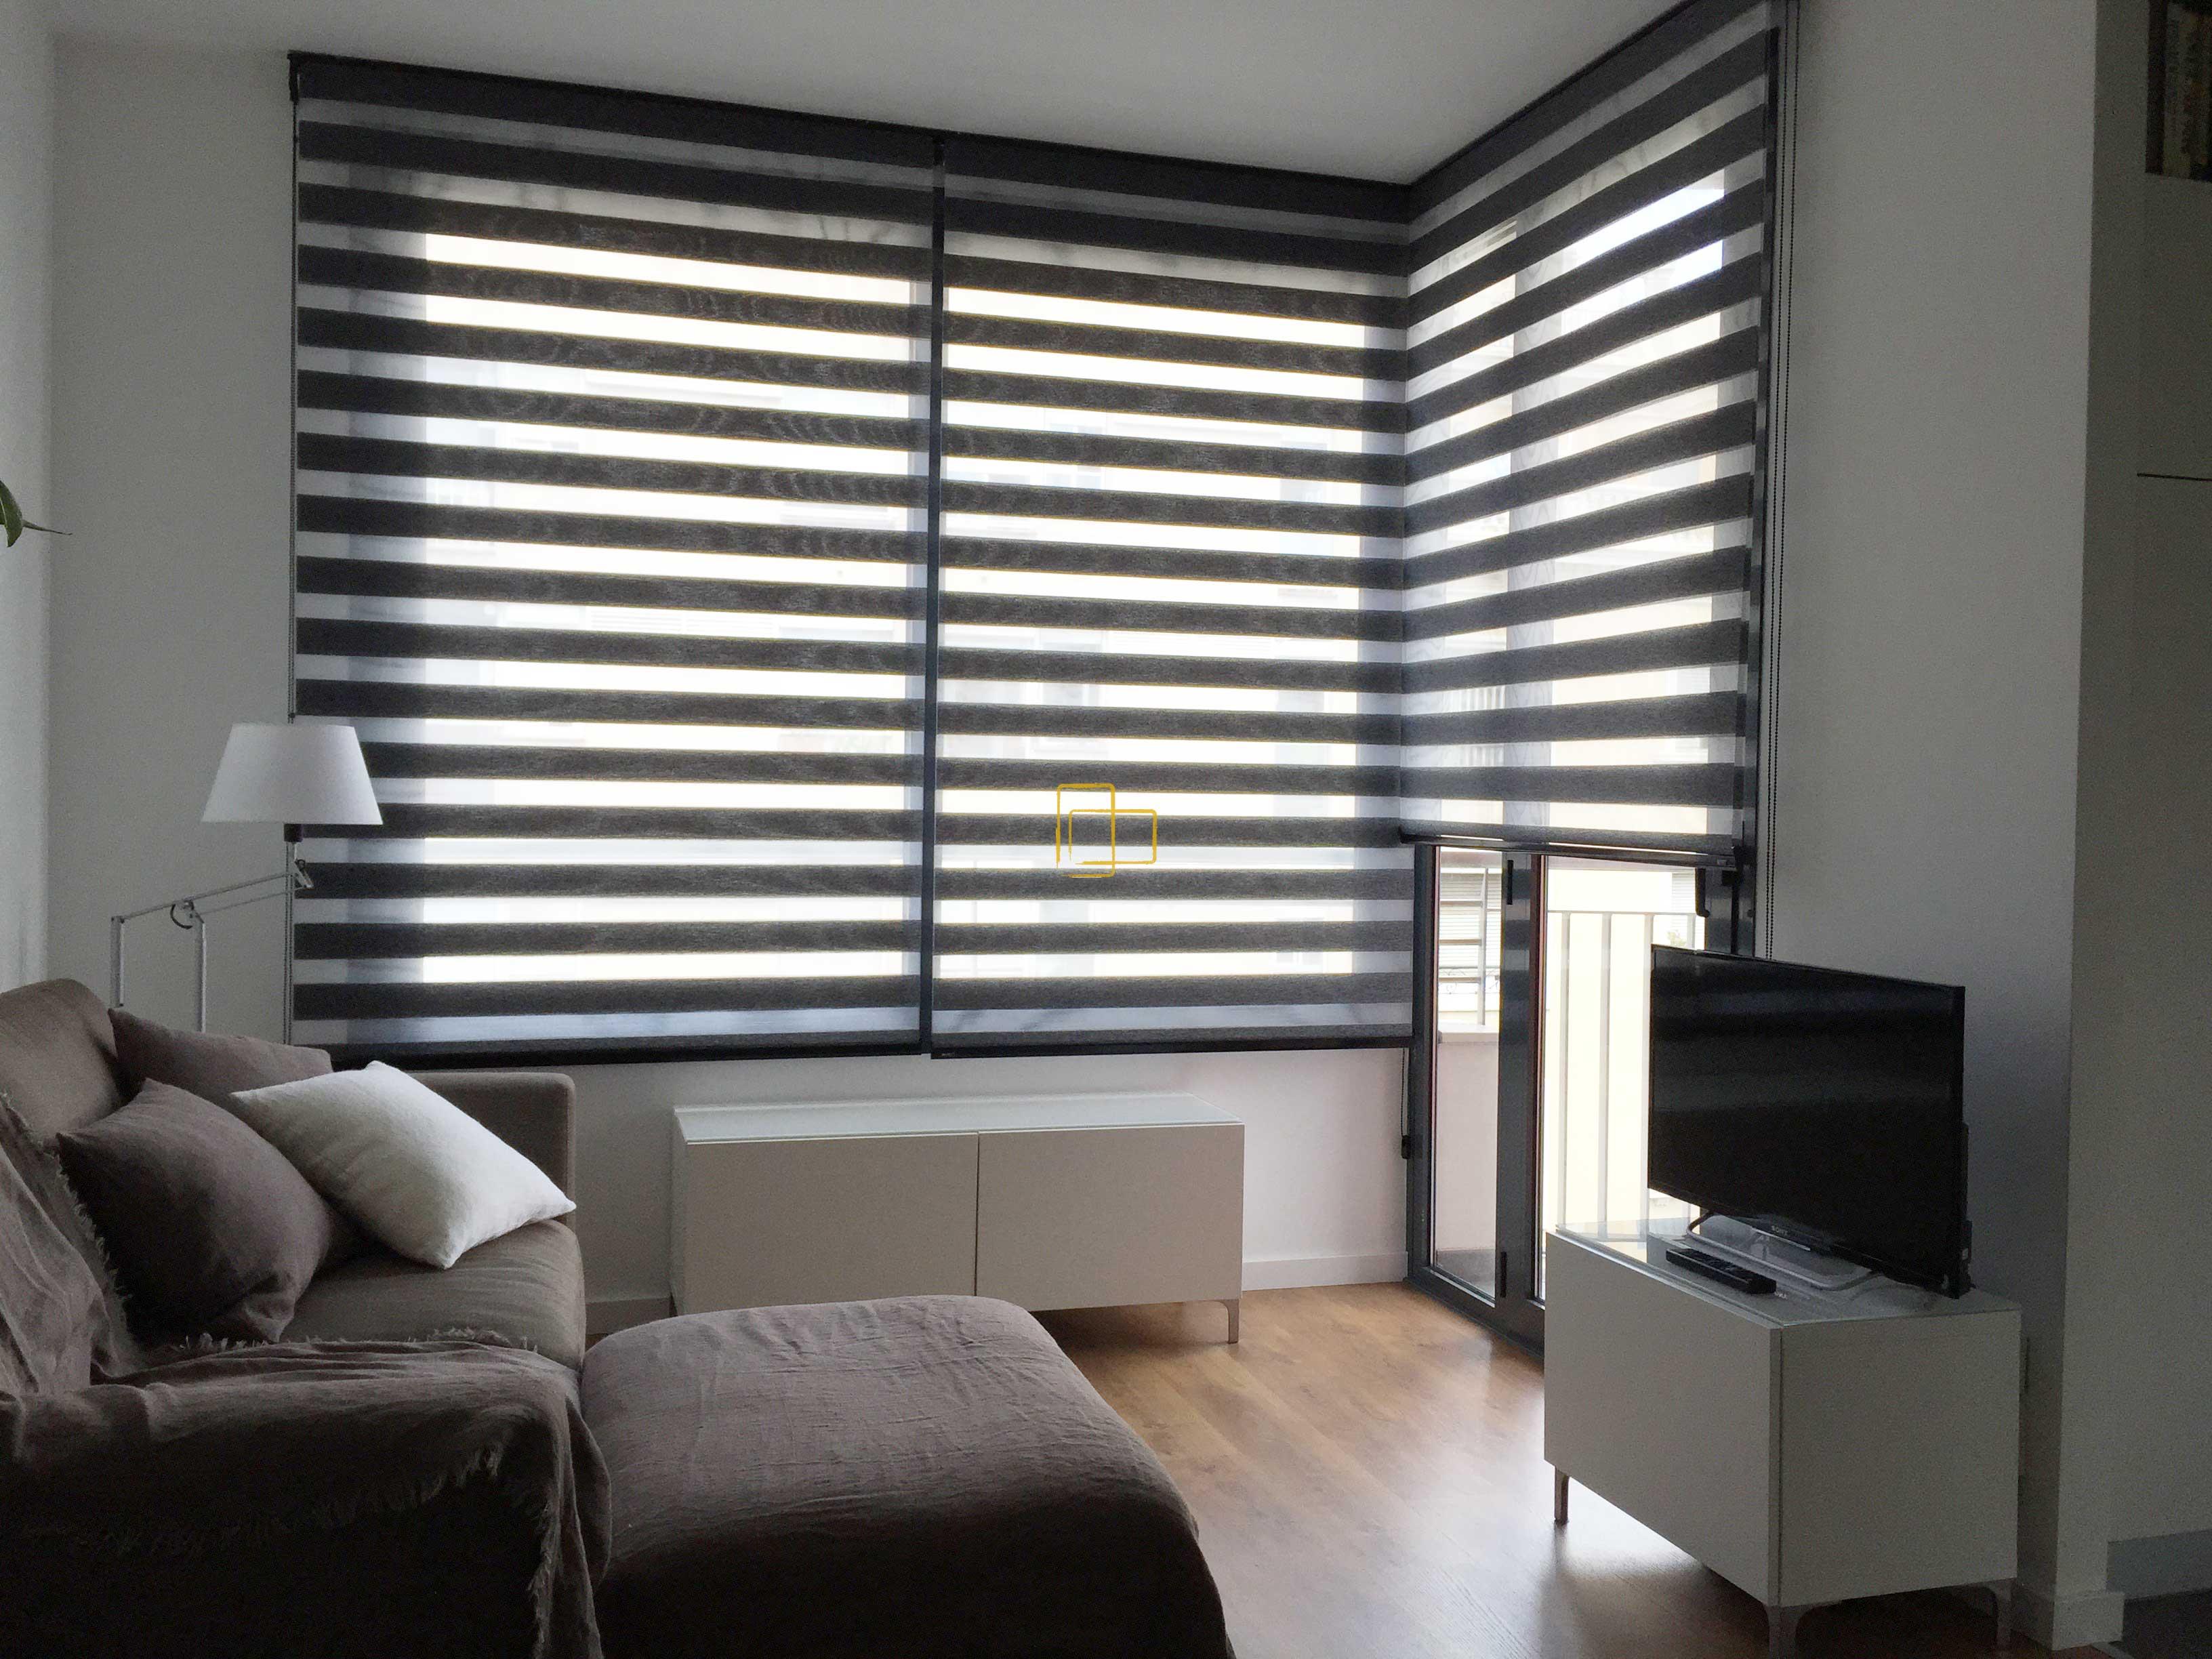 Solart cortinas y estores 50 dto - Persianas en barcelona ...